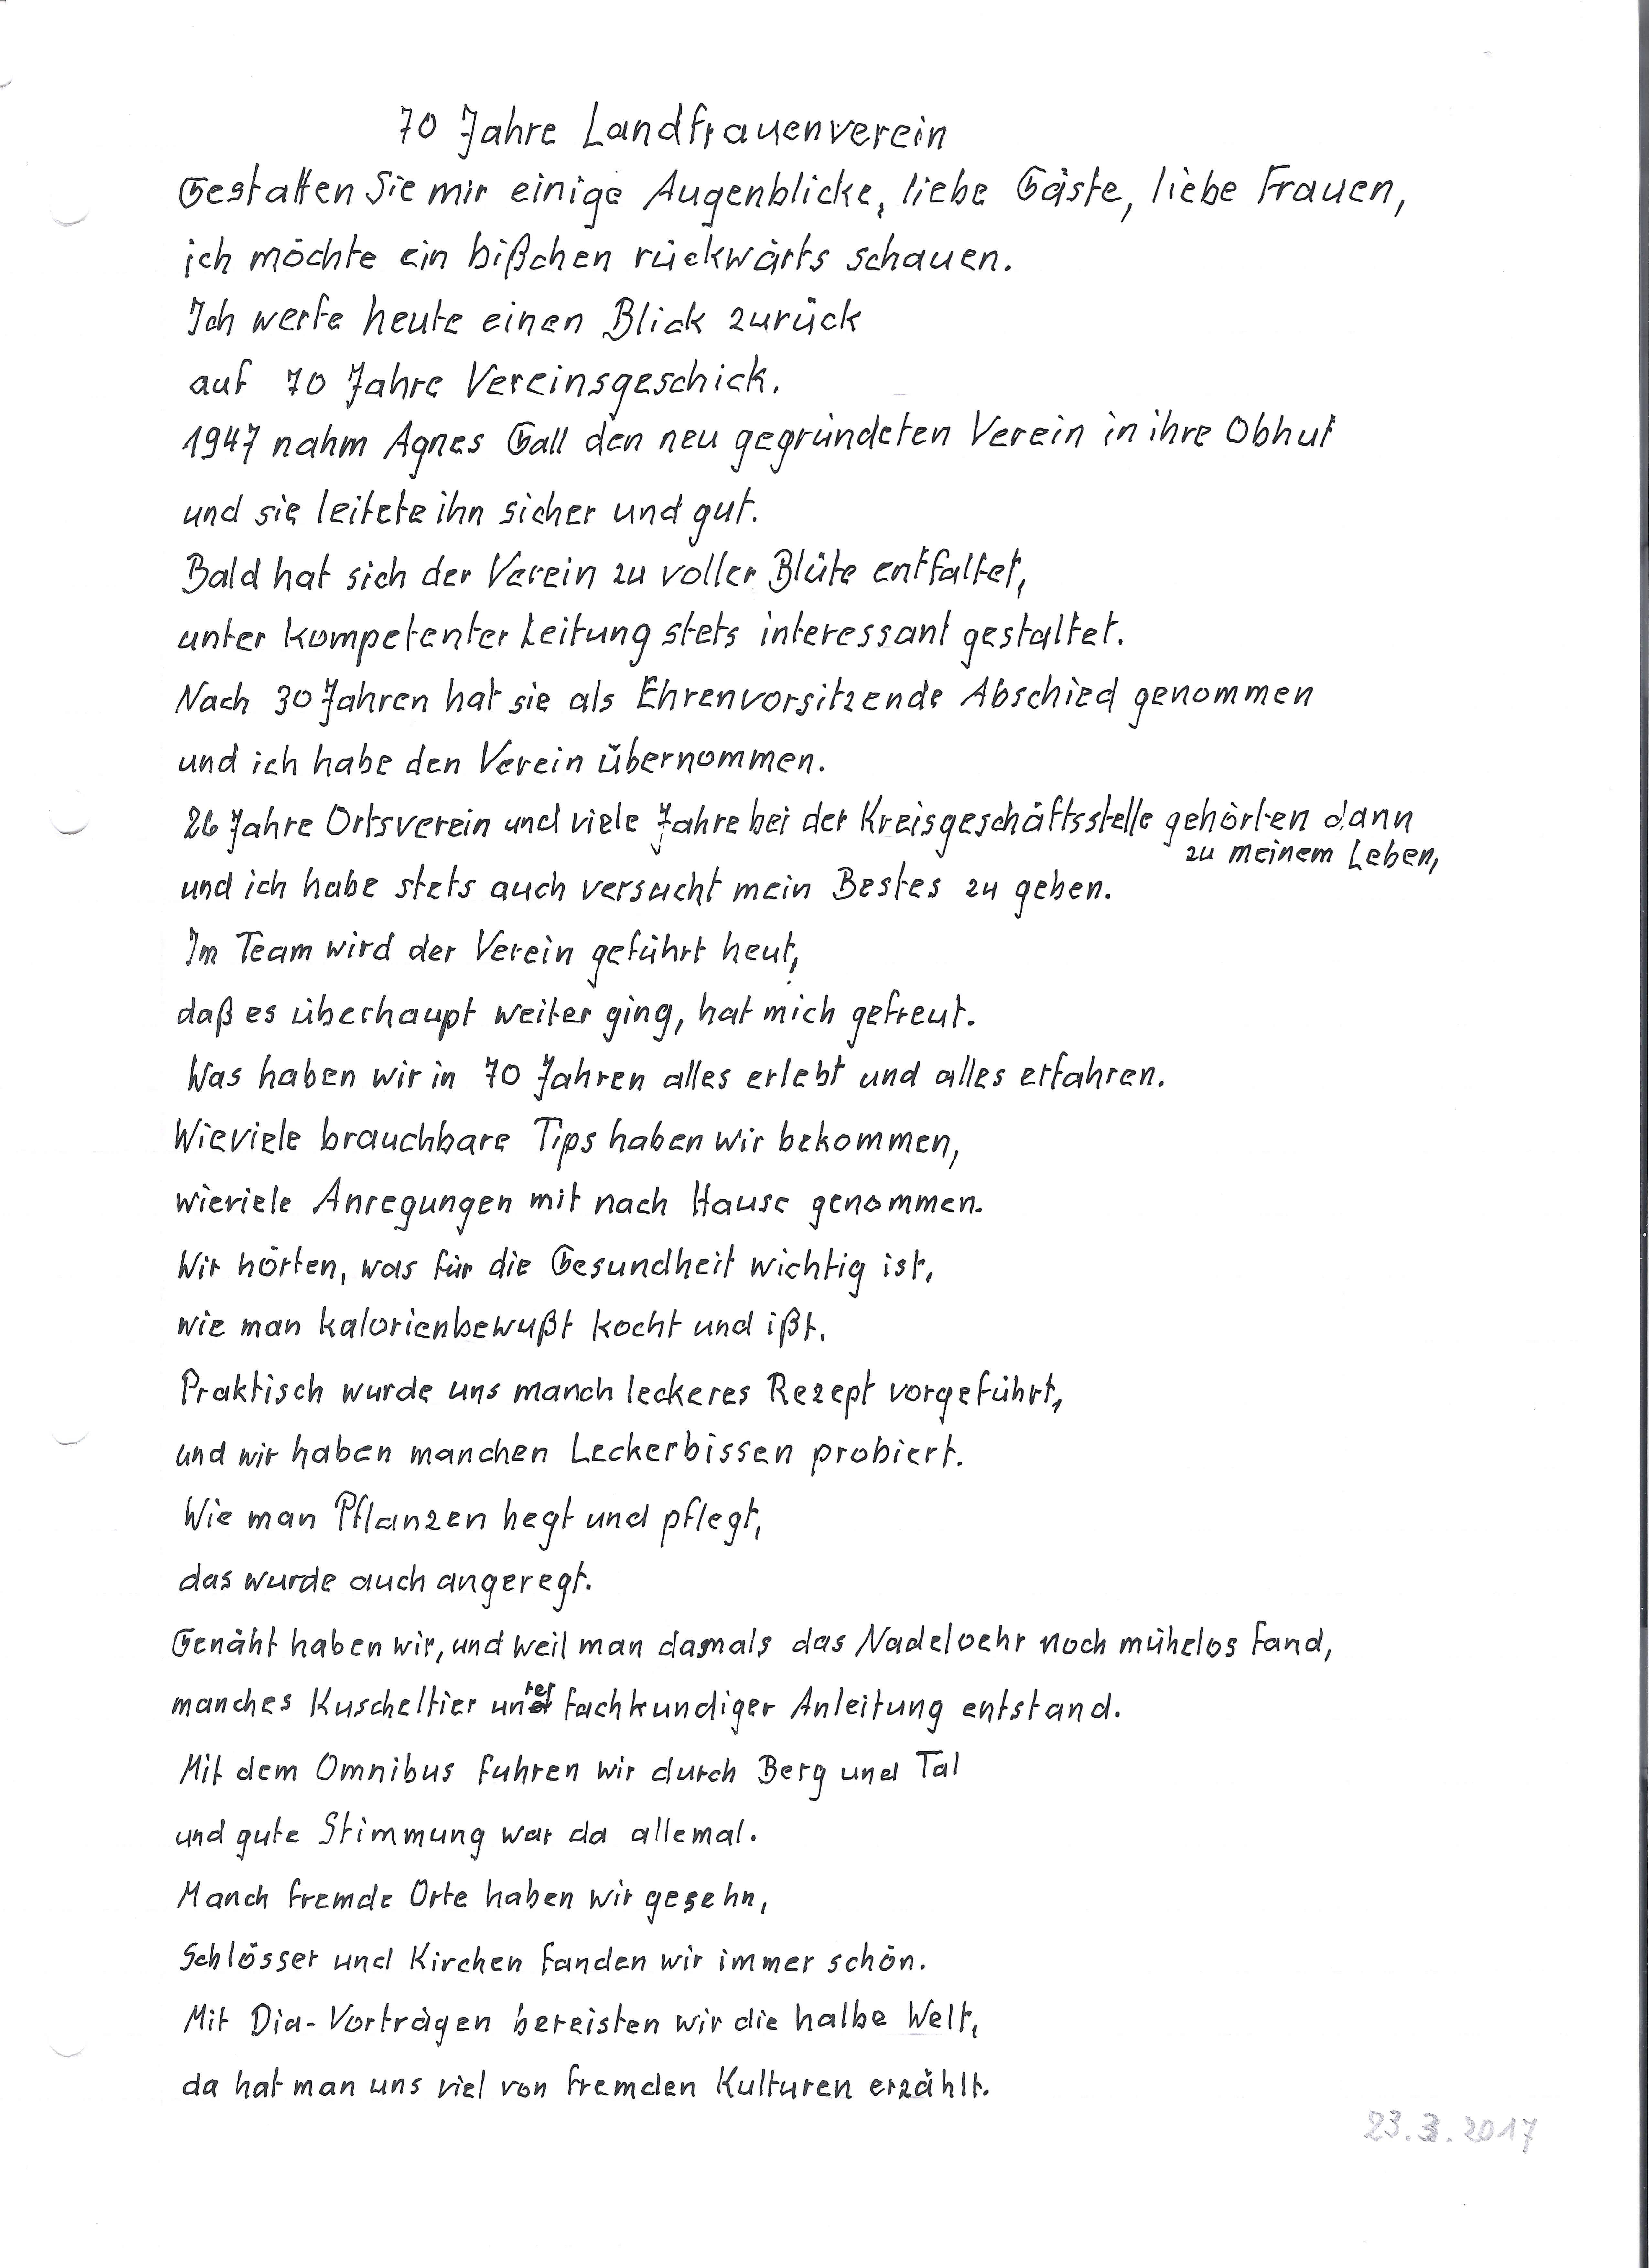 Vortrag Dorle Schlamp zum 70 Jährigen Jubiläum der Landfrauen Heilbronn-Sontheim